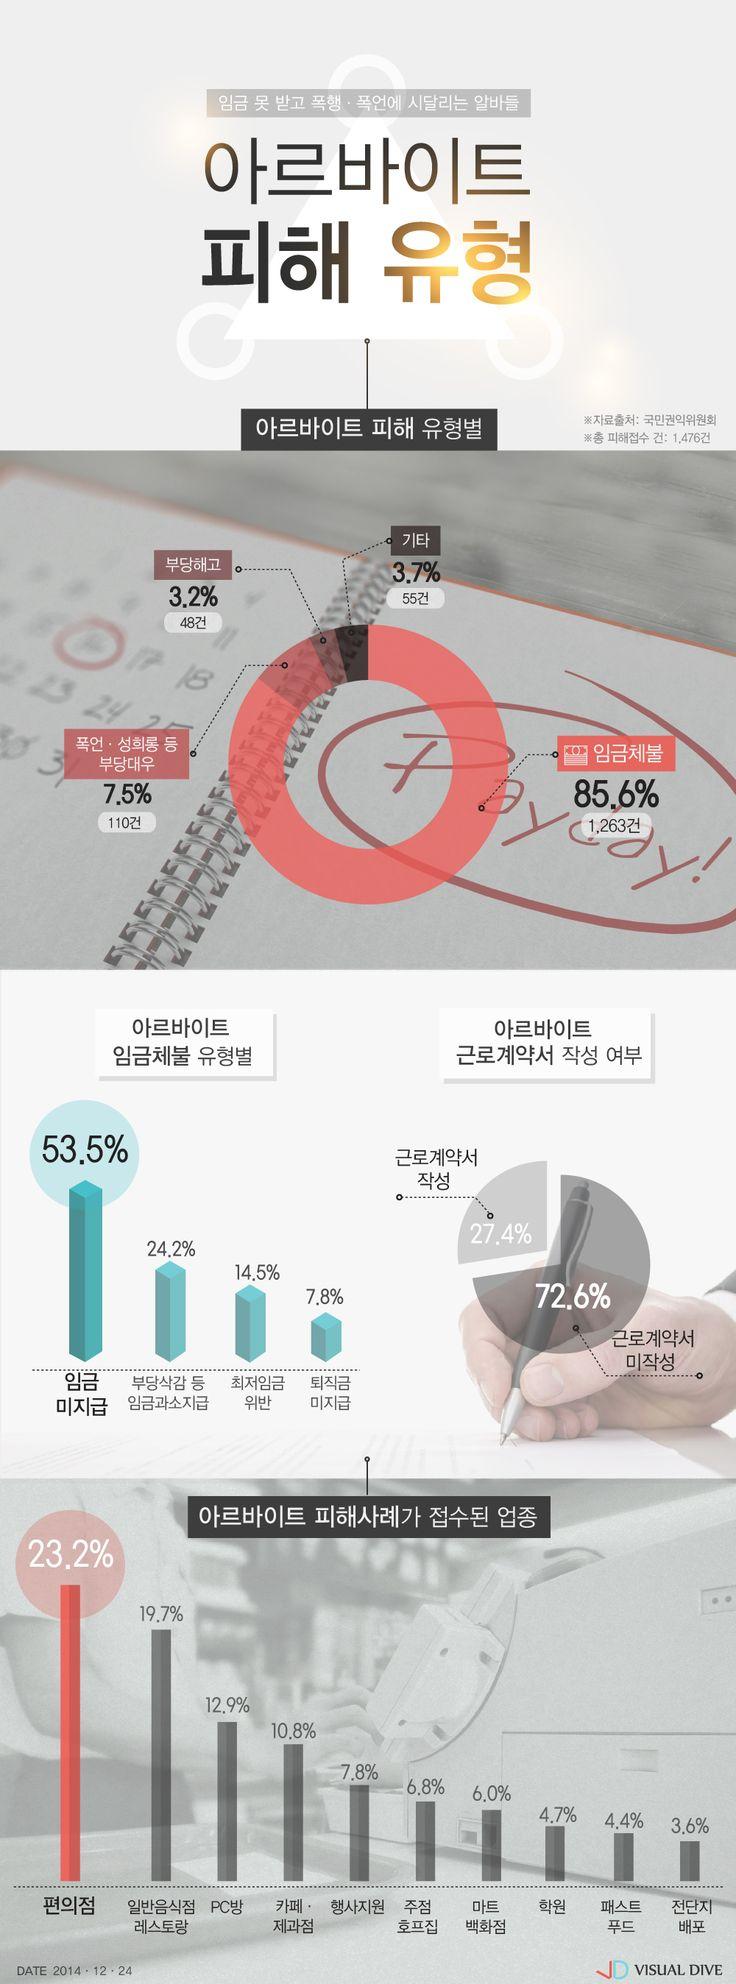 아르바이트 피해 유형, 임금체불이 가장 많아 [인포그래픽] #PartTimeJob / #Infographic ⓒ 비주얼다이브 무단 복사·전재·재배포 금지